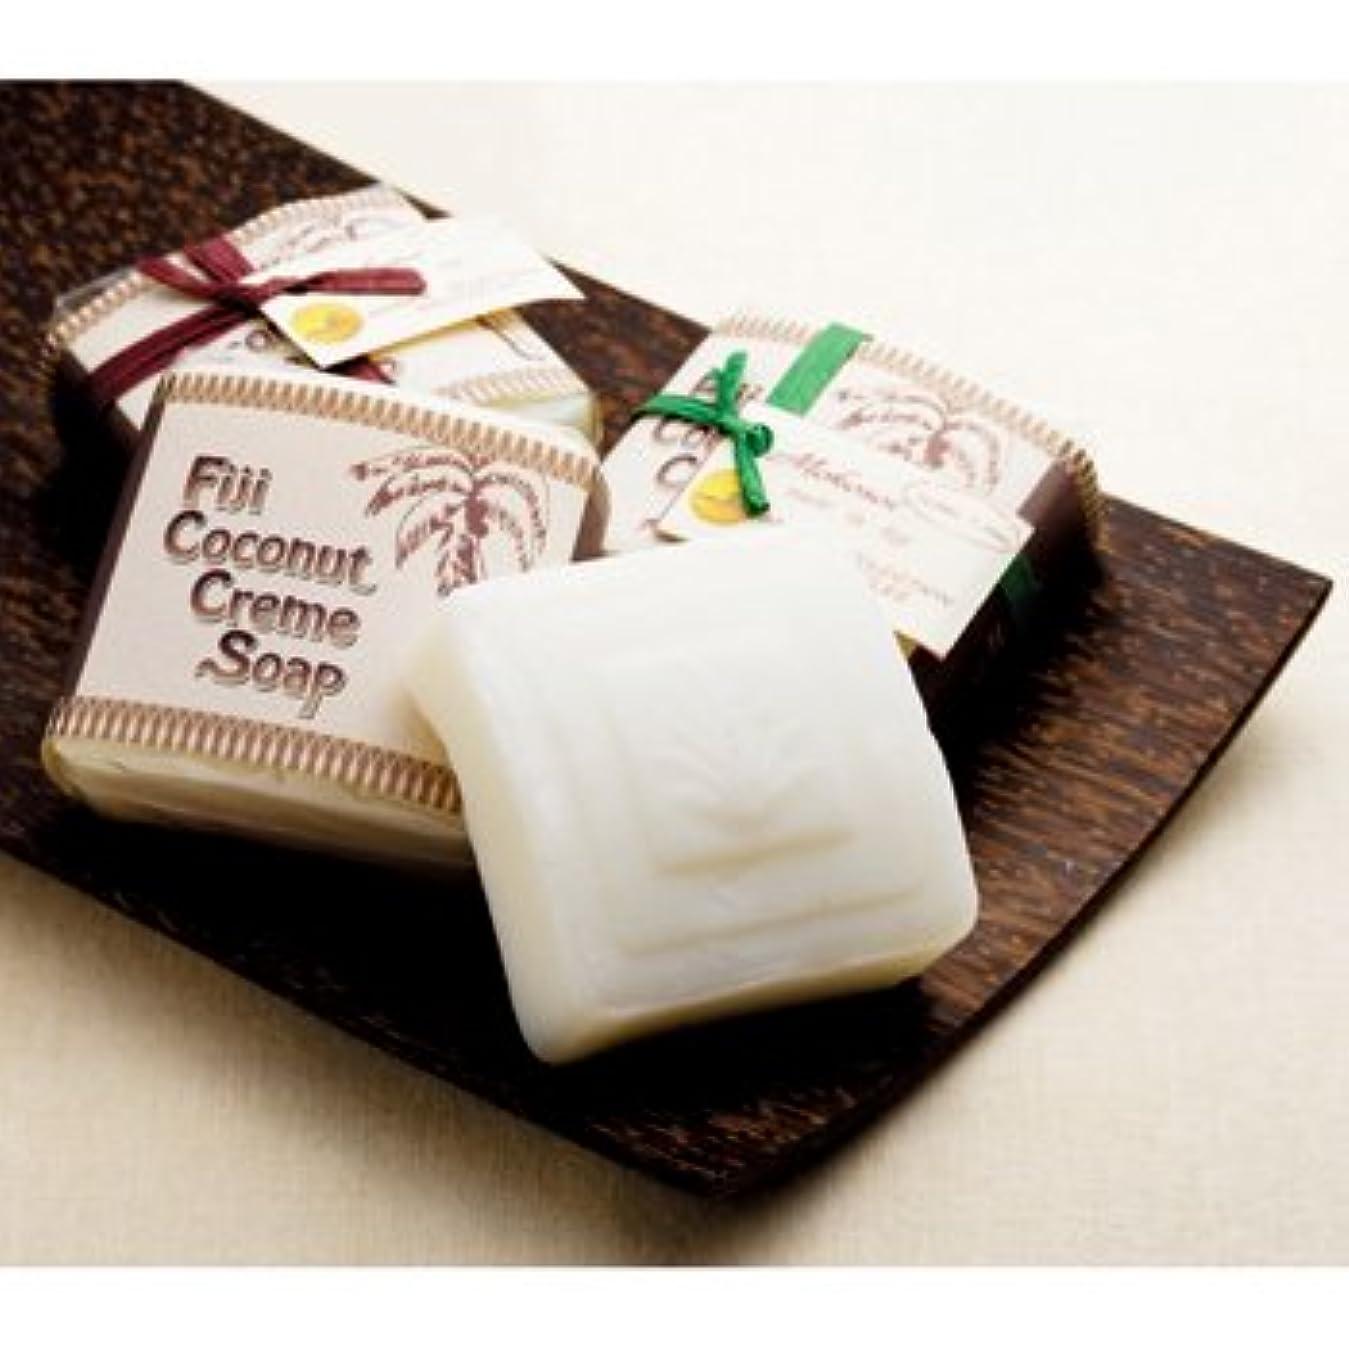 ホイットニー活性化する有効なフィジーお土産 フィジー モコソイココナッツ石けん 4個セット